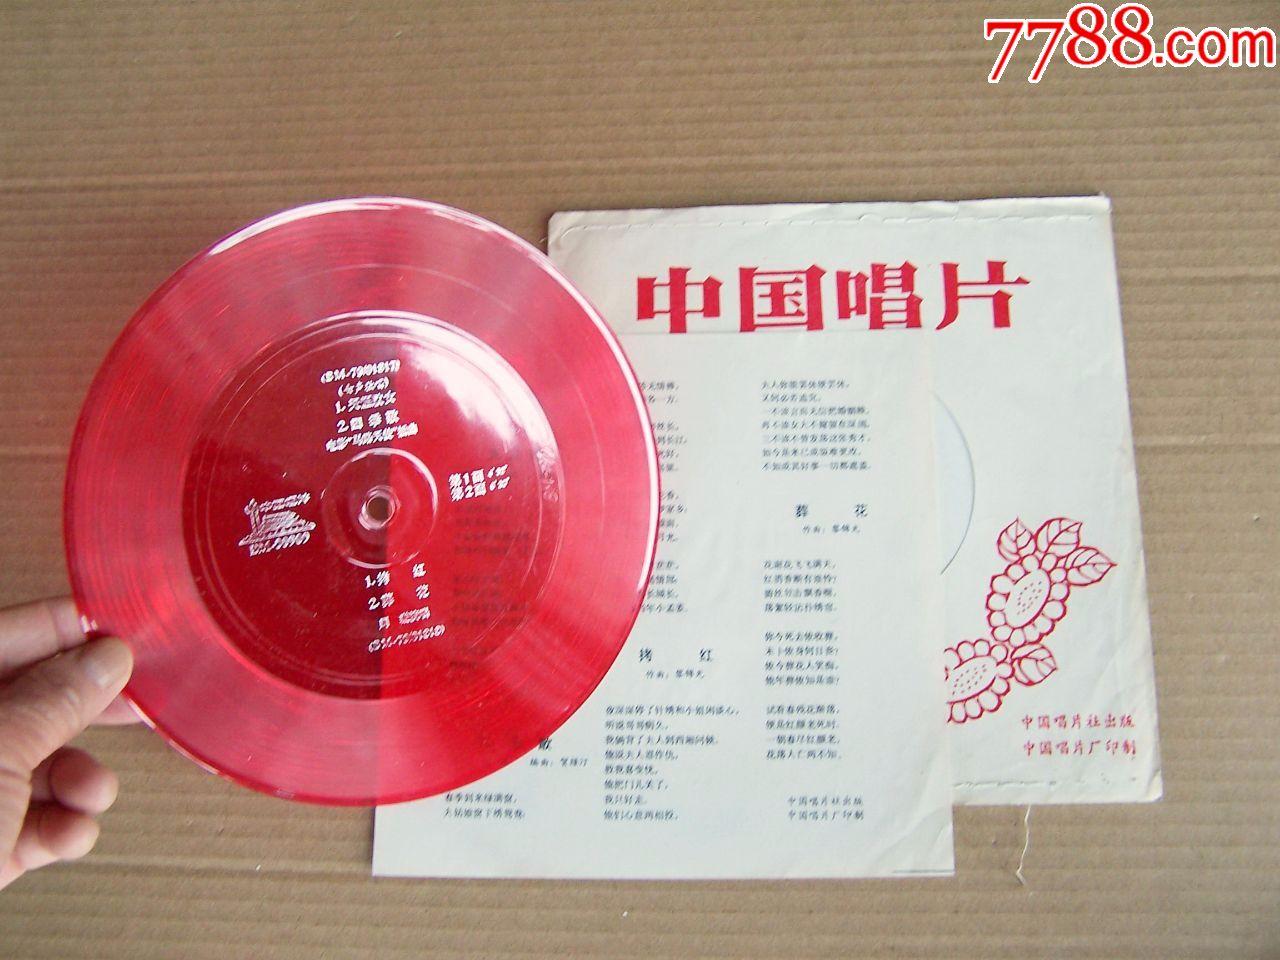 演唱周旋《歌女天涯》等(79年,BM-00909)鸡高中女生鸡摸图片